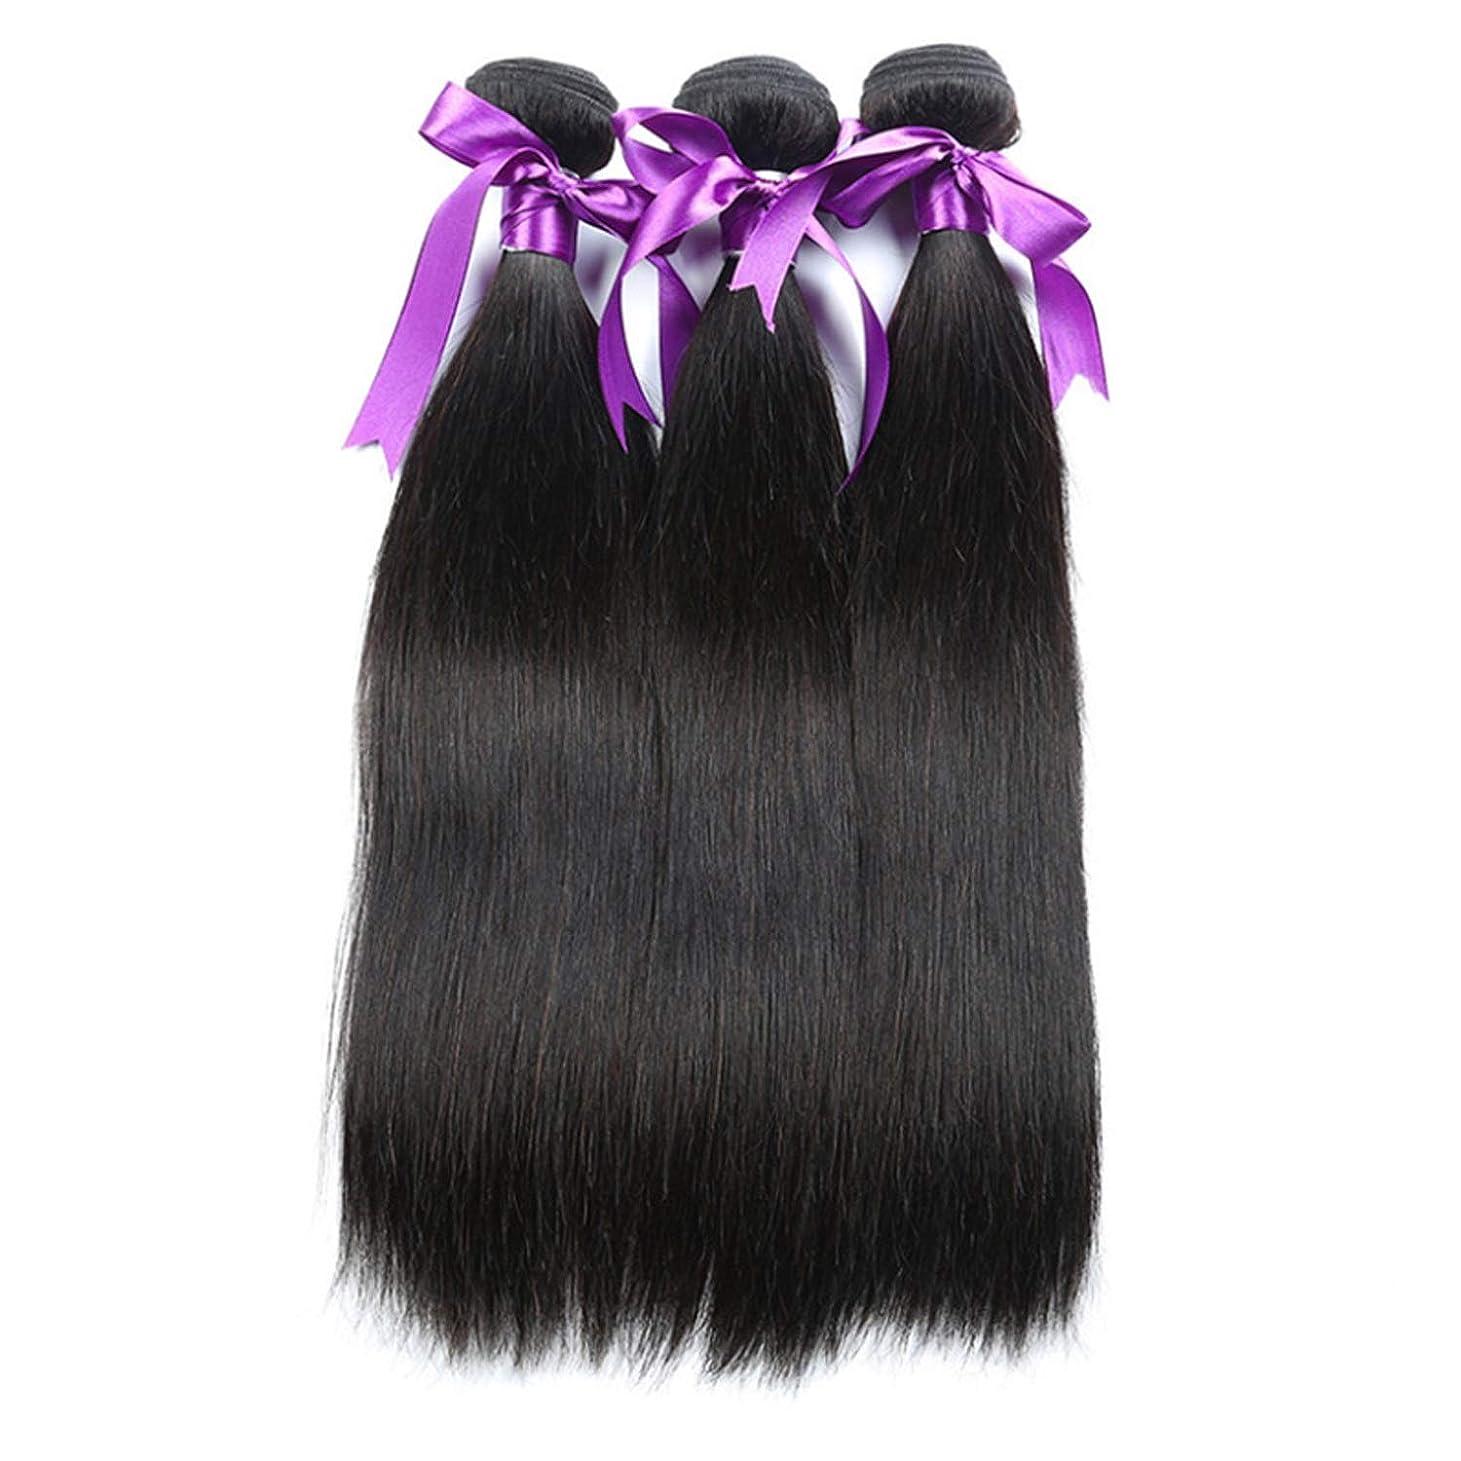 程度ブラケット調査ペルーのストレートヘア織り3バンドル/ロット100%人のRemyの髪横糸8-28インチボディヘアエクステンション かつら (Stretched Length : 20 22 24)